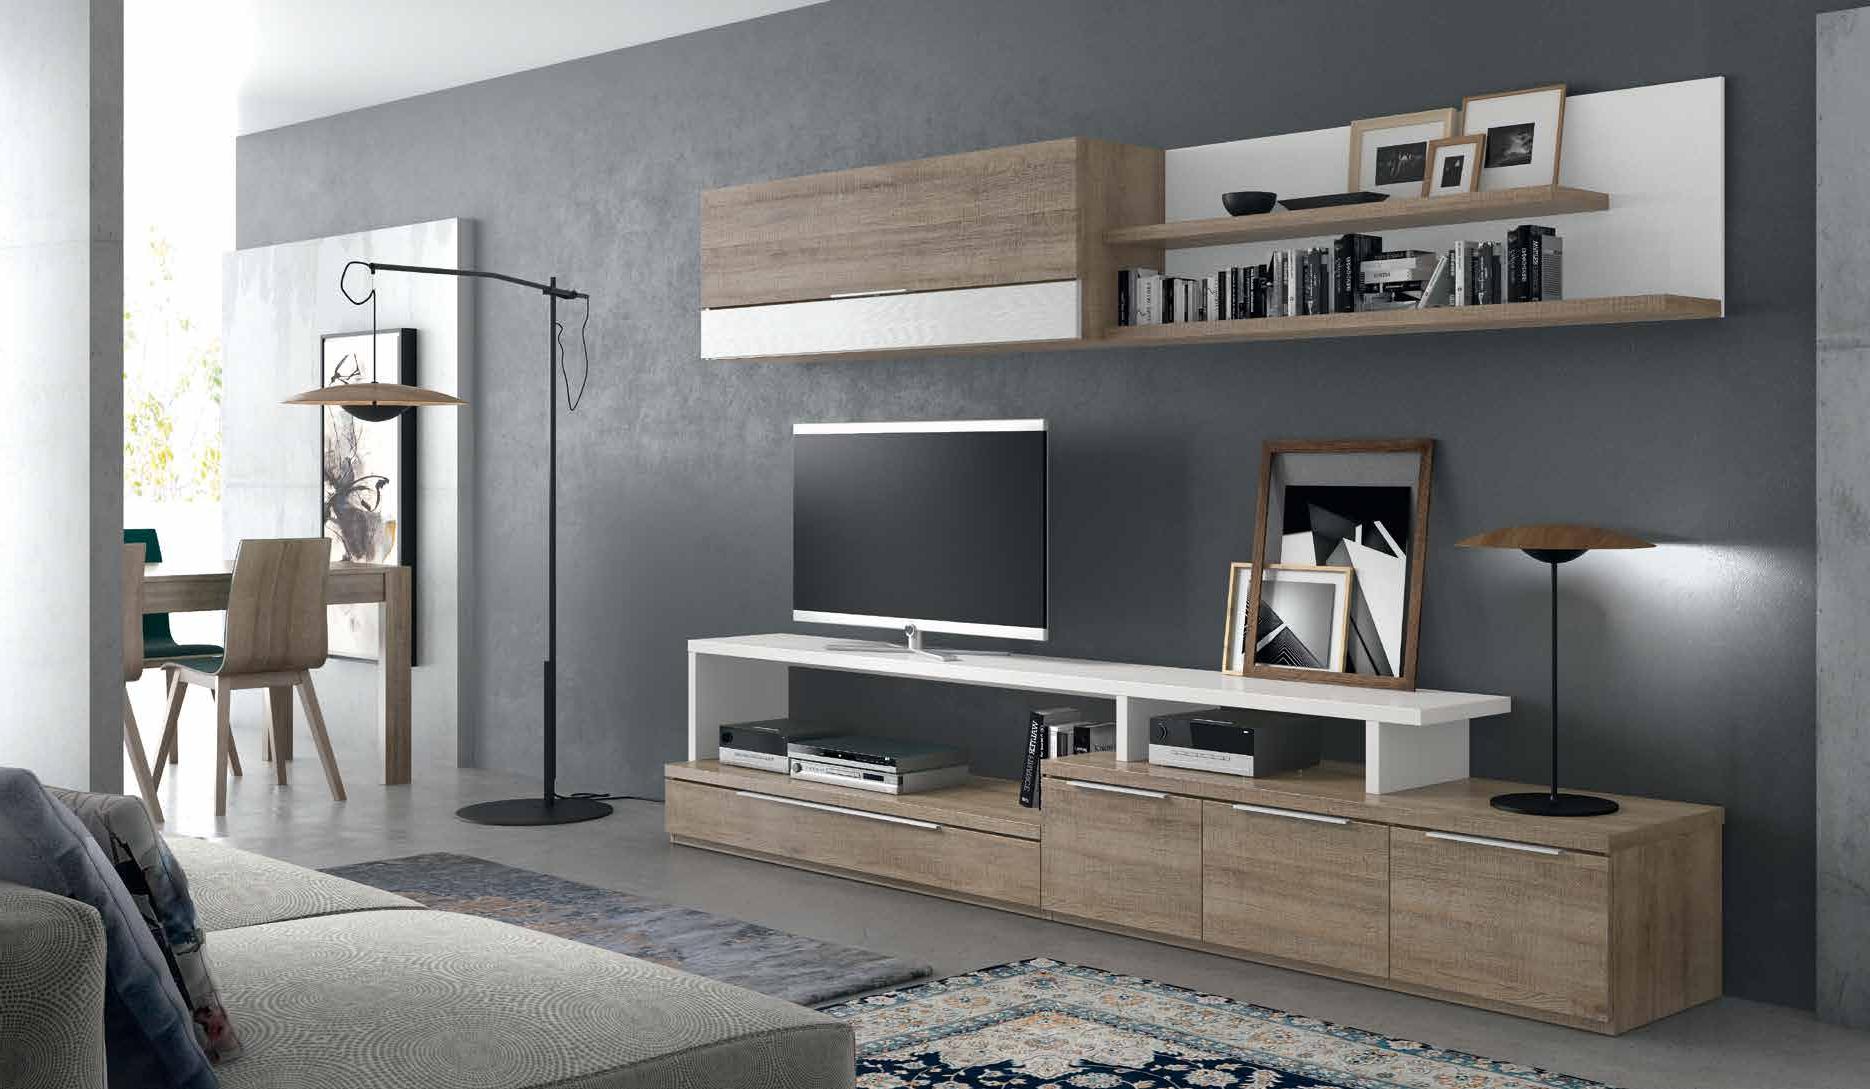 Precios De Muebles De Salon Jxdu Tienda De Muebles En Madrid De Salà N sofas Dormitorios